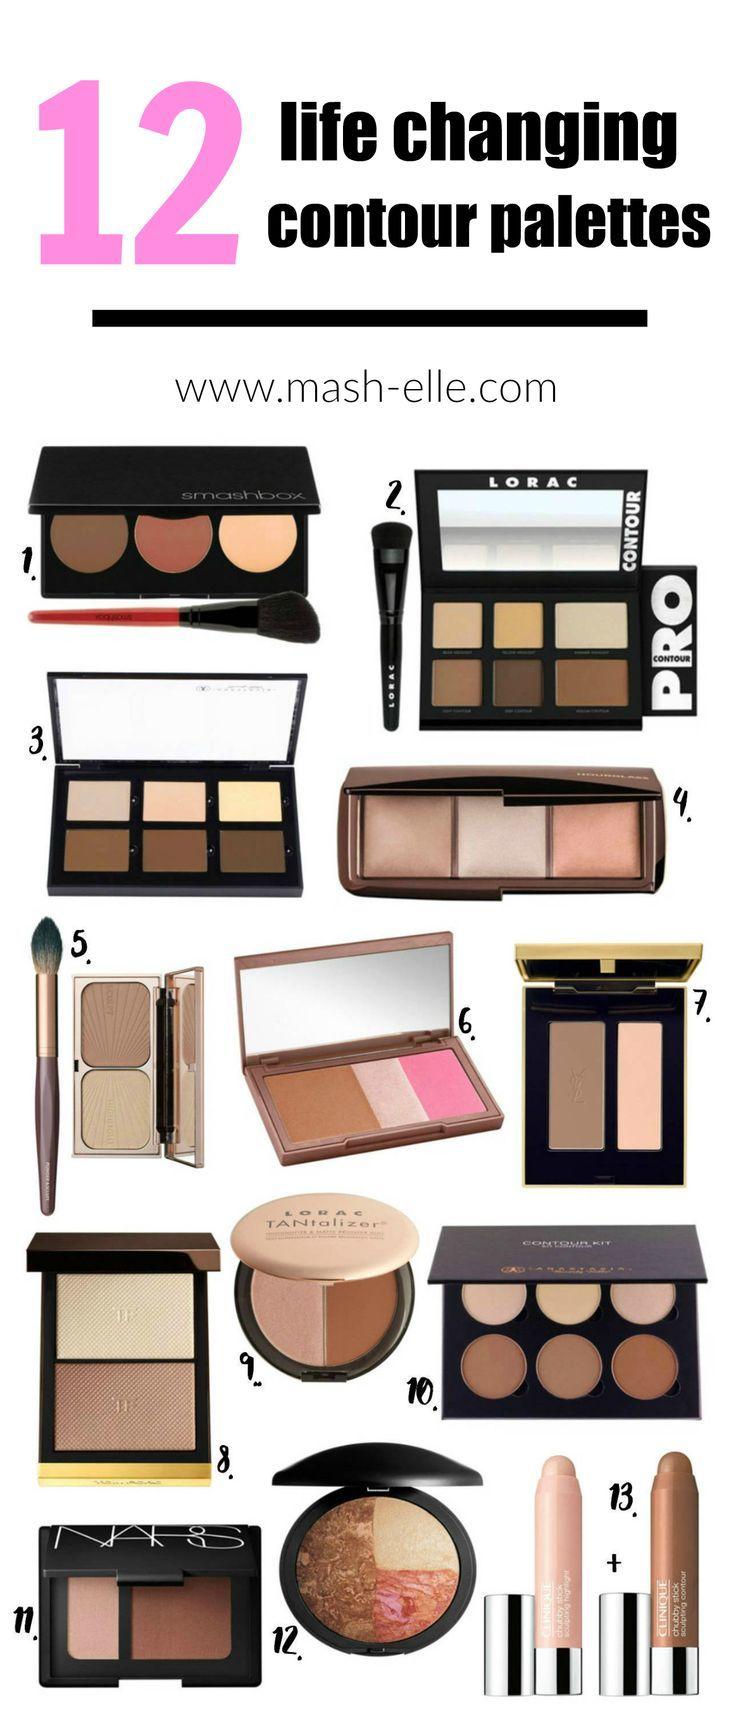 The Best Contour Kits Beauty Makeup Mash Elle Best Contouring Products Best Contour Makeup Contour Kit